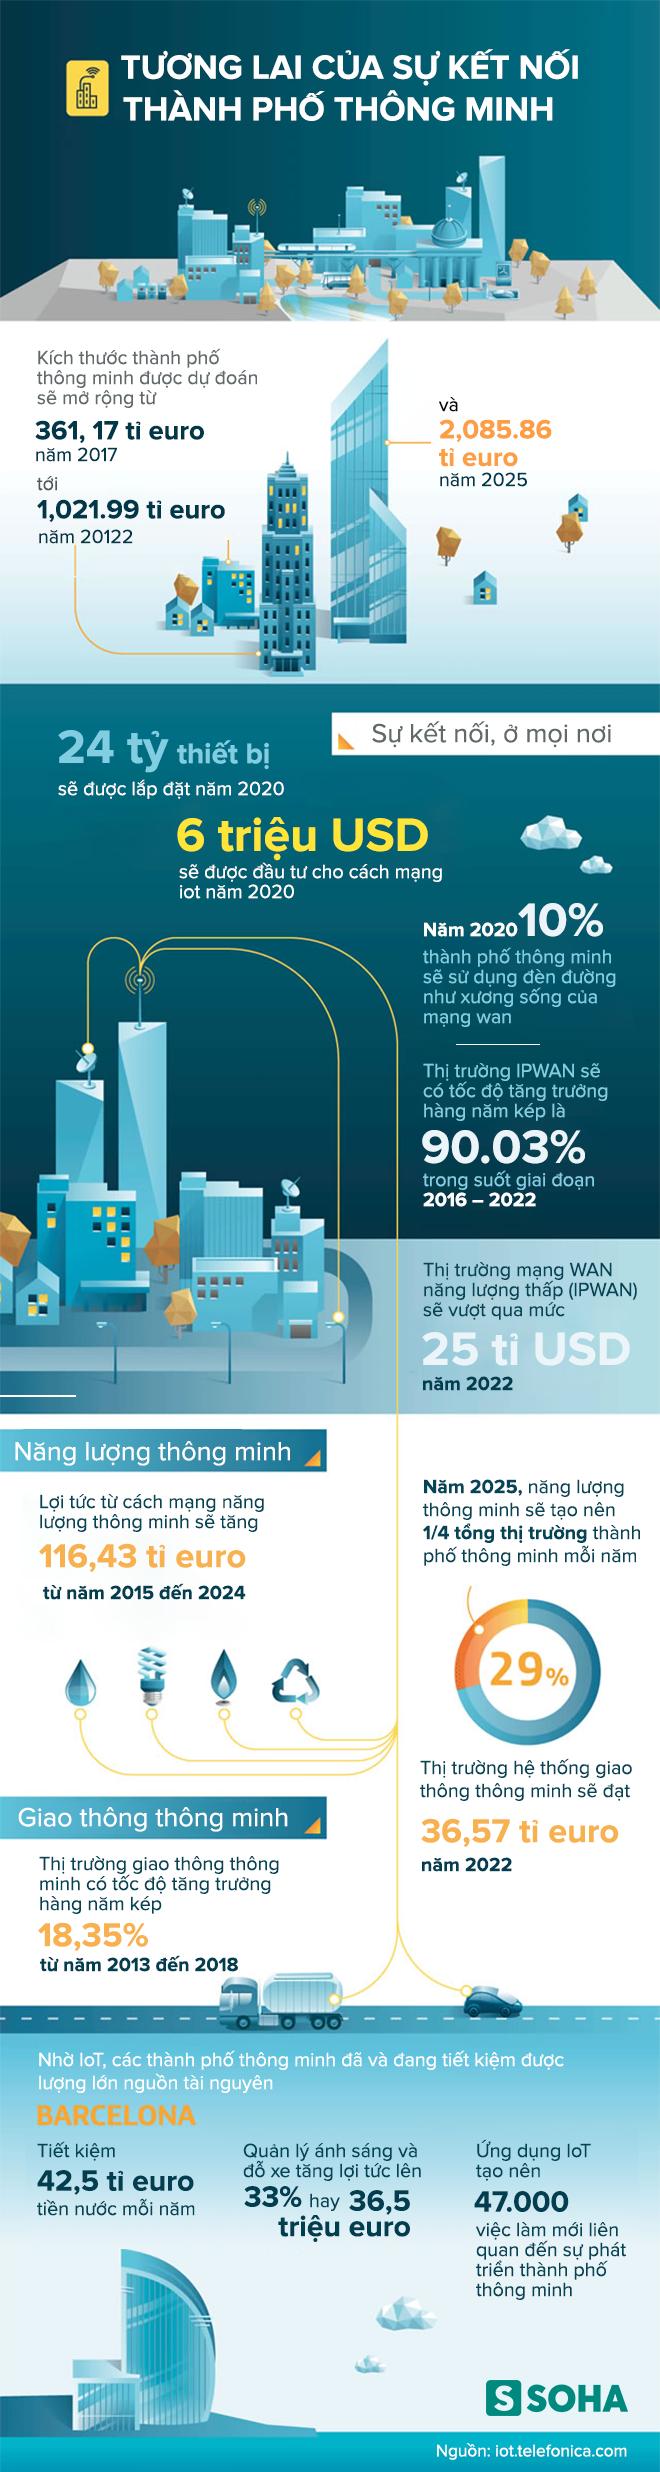 Internet kết nối vạn vật: Liều doping của Mỹ, Nhật... xây dựng thành phố siêu việt! - Ảnh 1.